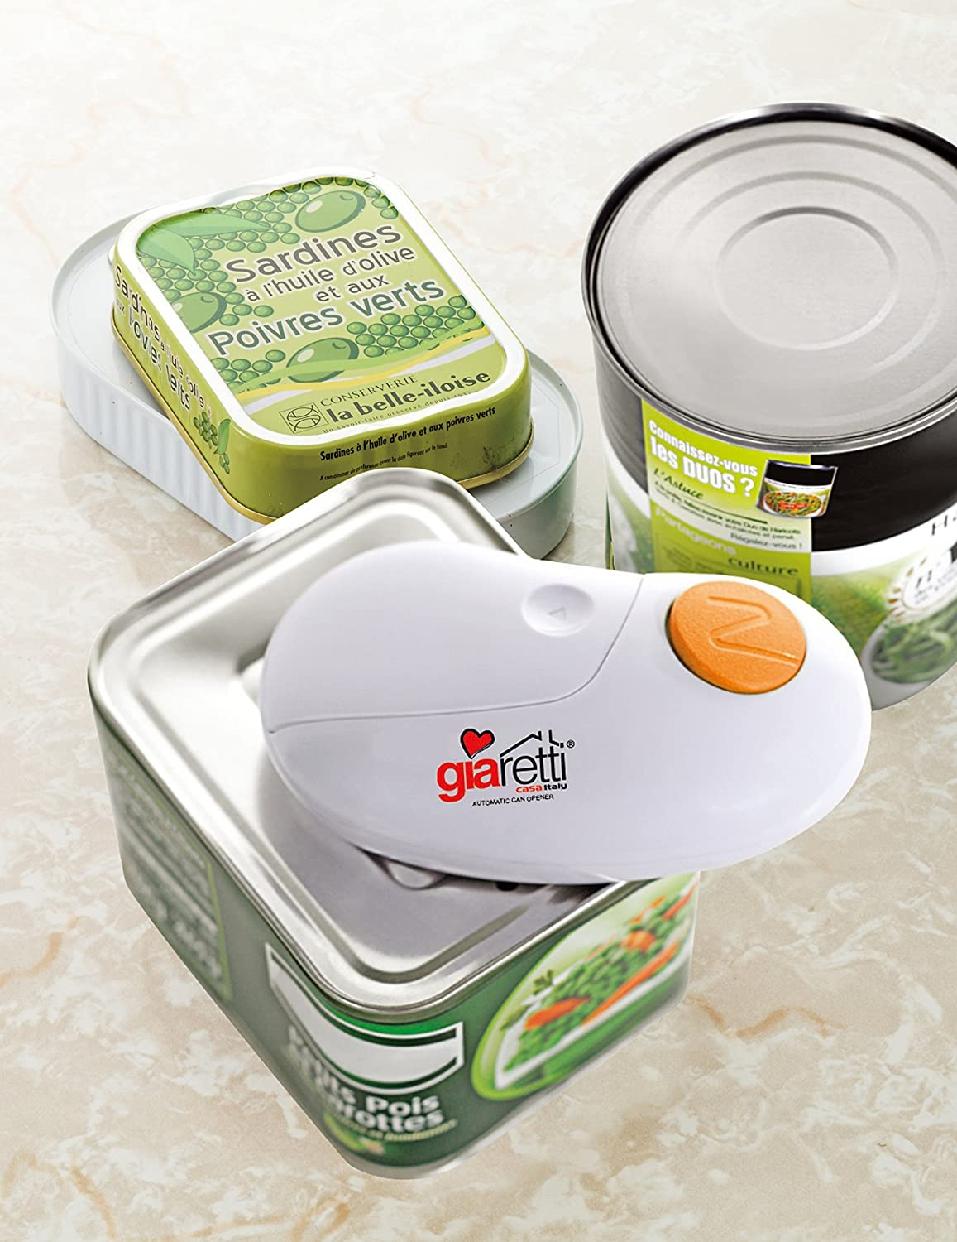 Giaretti(ジアレッティ) 自動缶オープナー GR-86Rの商品画像